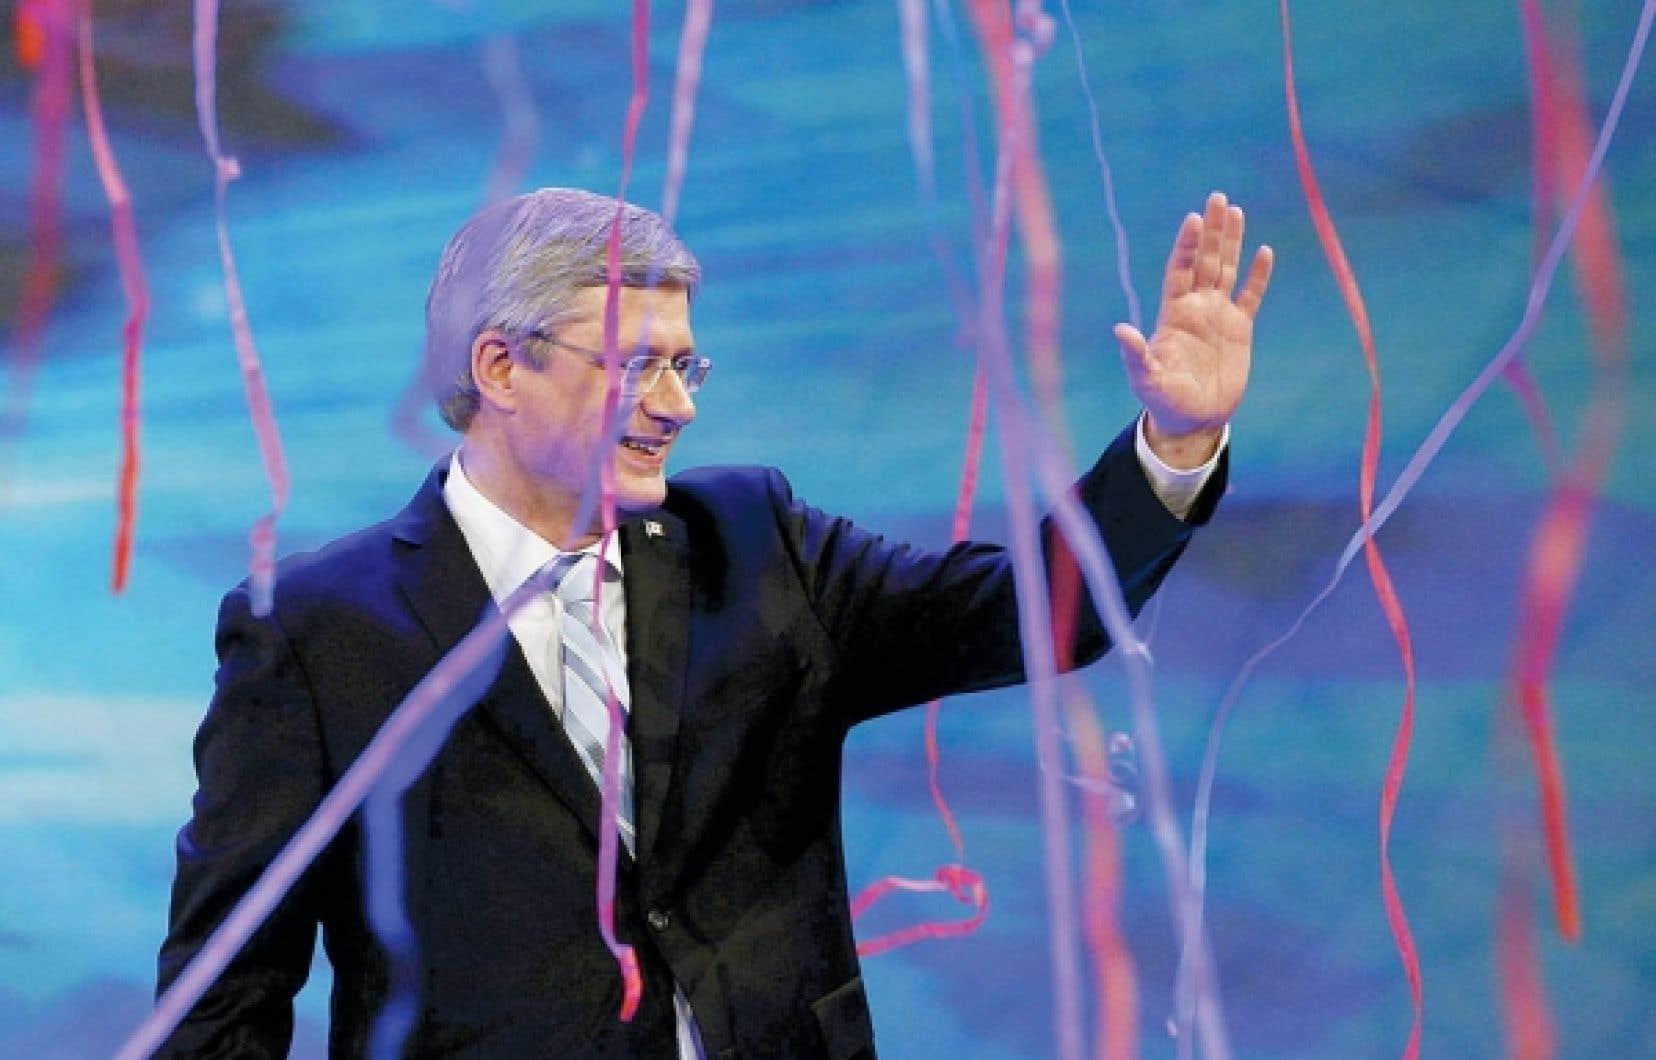 Stephen Harper célèbre sa victoire lors des dernières élections fédérales devant ses partisans de Calgary. Plus de 80 % des électeurs québécois ont en 2011 choisi le NPD (43 %), les libéraux ou le Bloc, le Parti conservateur ne récoltant que 16,5 % des voix au Québec contre 45 % ailleurs au pays. Loin de se résorber, l'ère des deux solitudes se voit confirmée par les résultats électoraux.